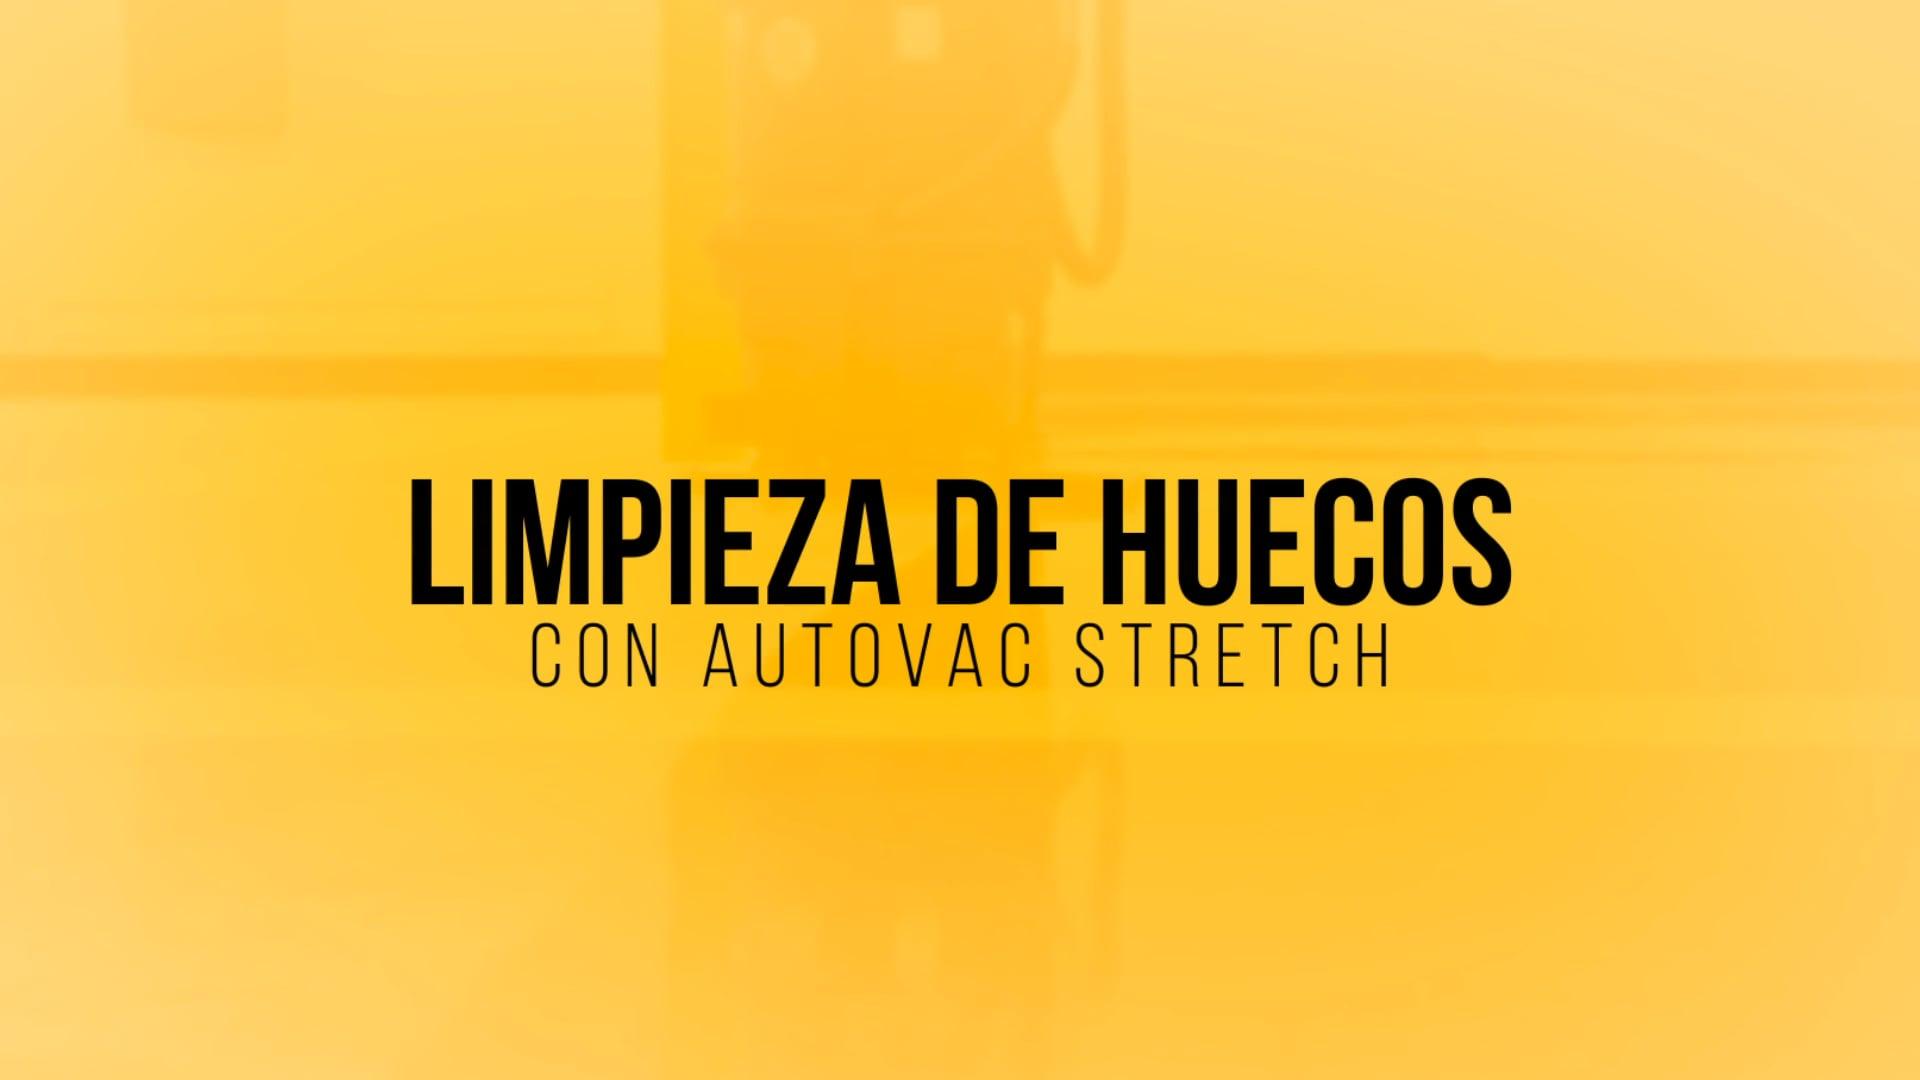 Limpieza de Huecos con AutoVac Stretch